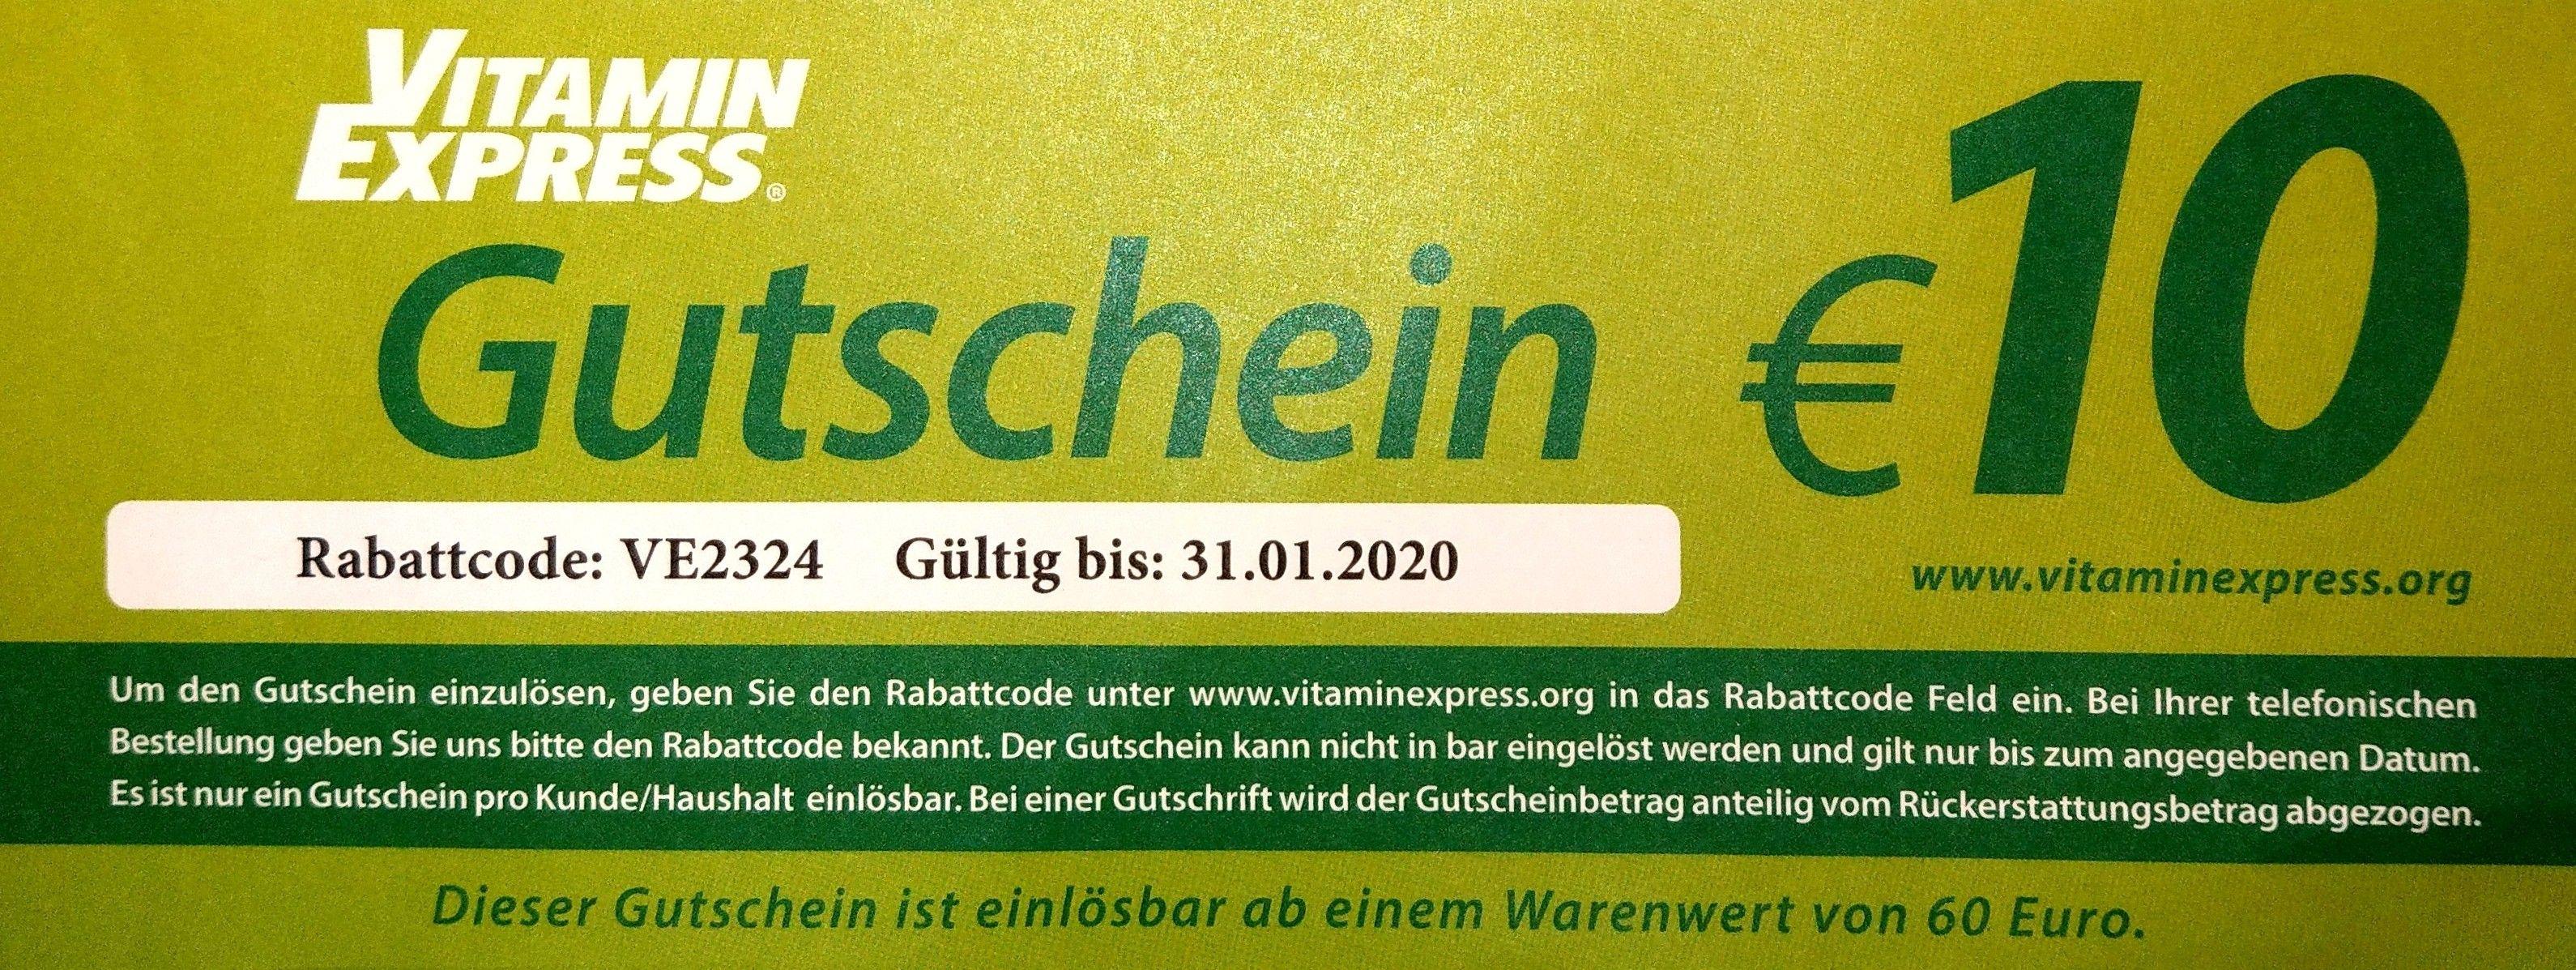 Vitamin Express (vitaminexpress.org) 10€ Gutschein (60€ MBW)